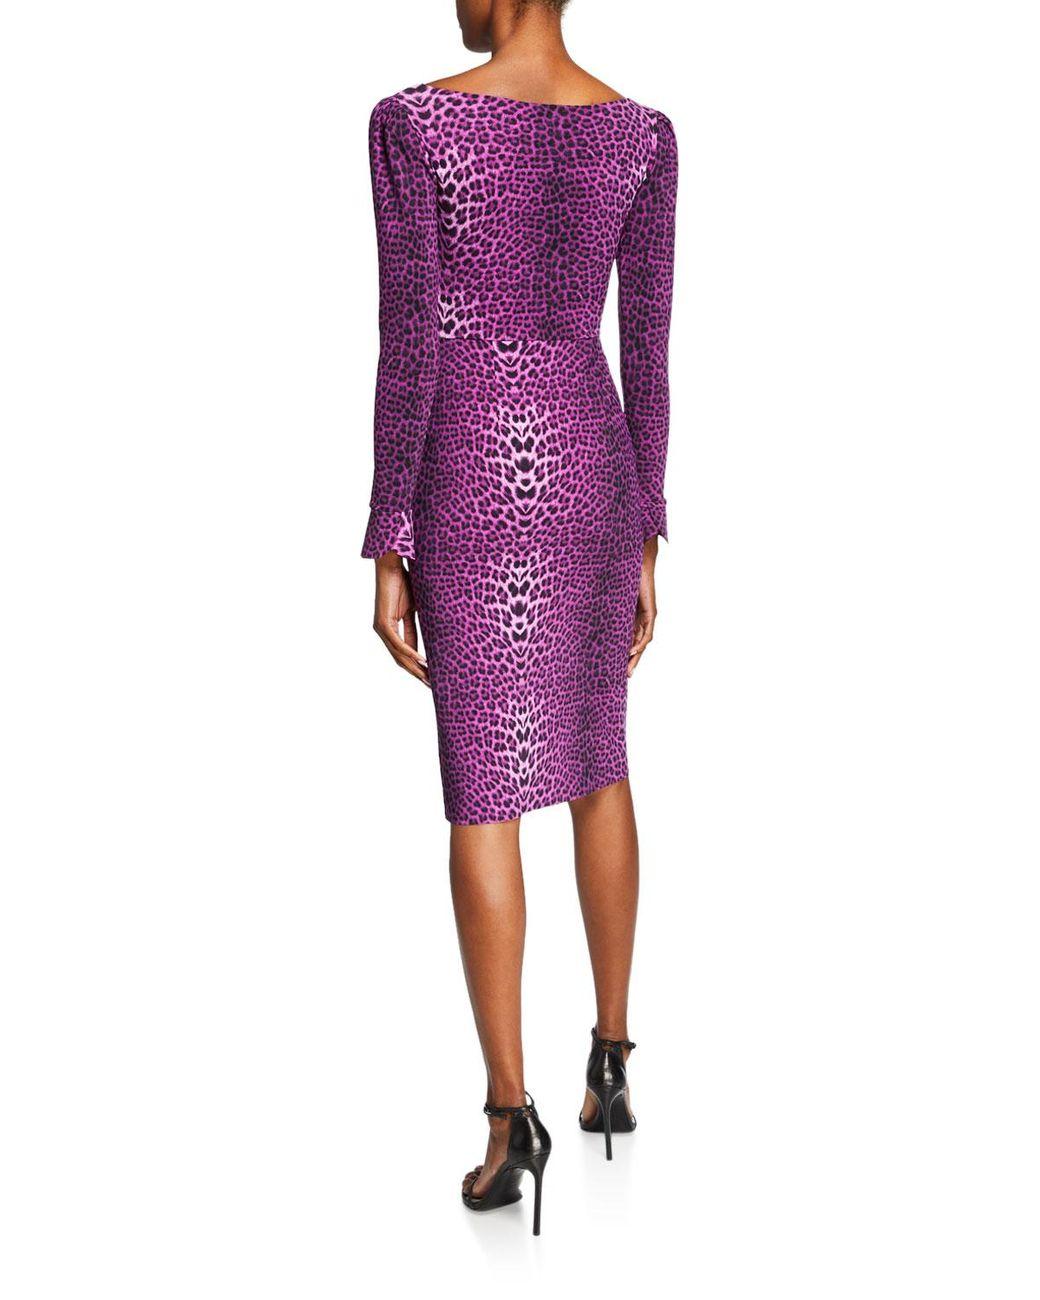 nouvelle apparence Braderie Vente au rabais 2019 Women's Purple Darsey Leopard-print Cocktail Dress